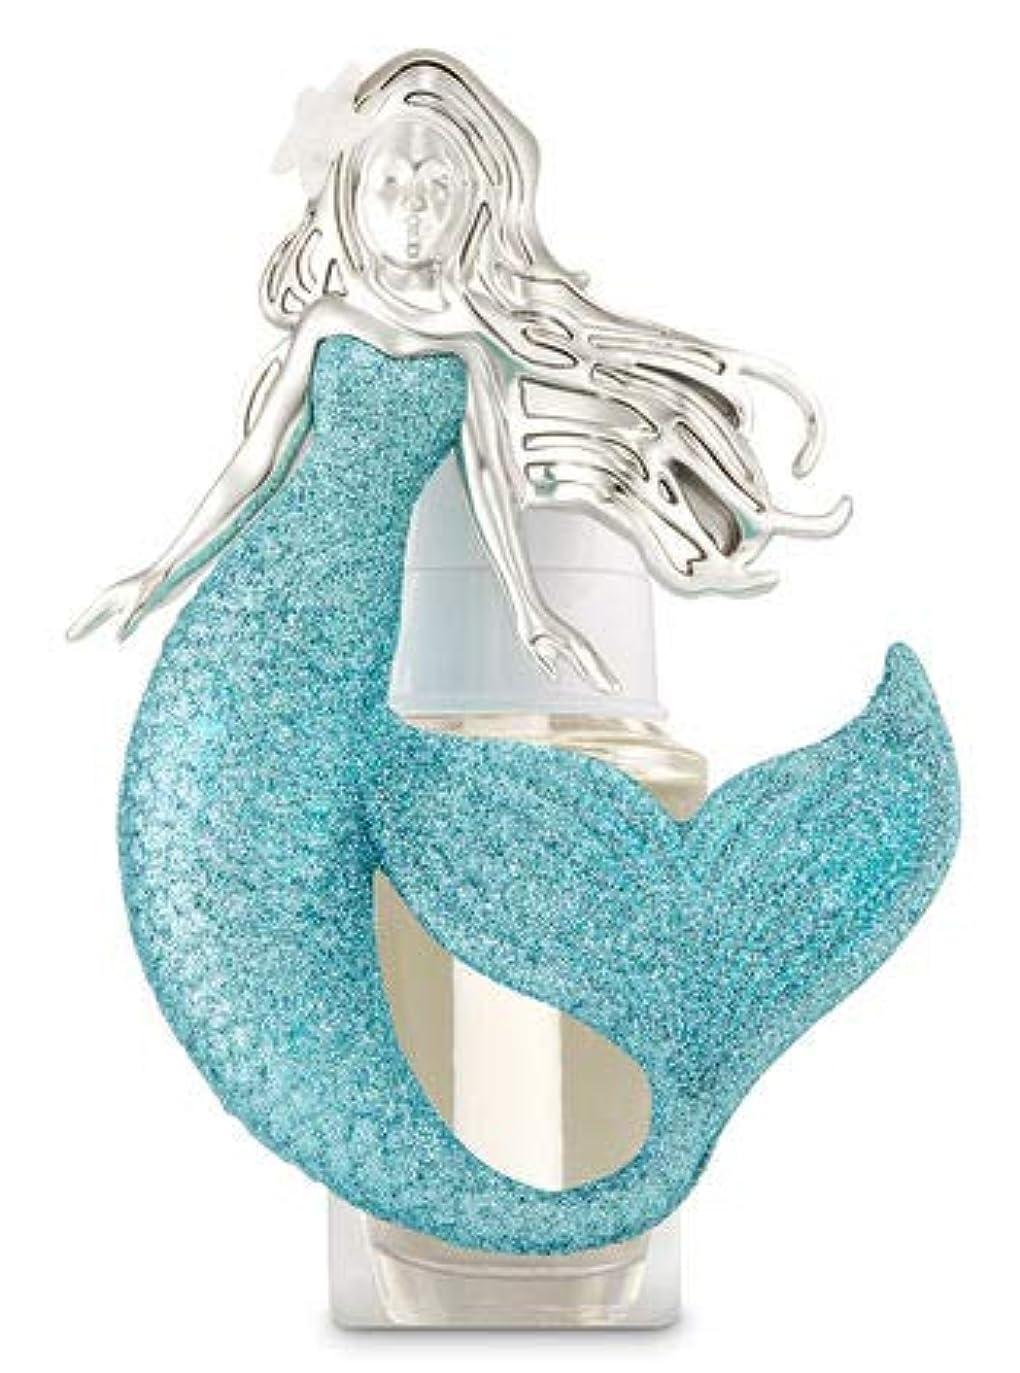 生産的気づかない作曲する【Bath&Body Works/バス&ボディワークス】 ルームフレグランス プラグインスターター (本体のみ) マーメイド ナイトライト Wallflowers Fragrance Plug Mermaid Night Light [並行輸入品]